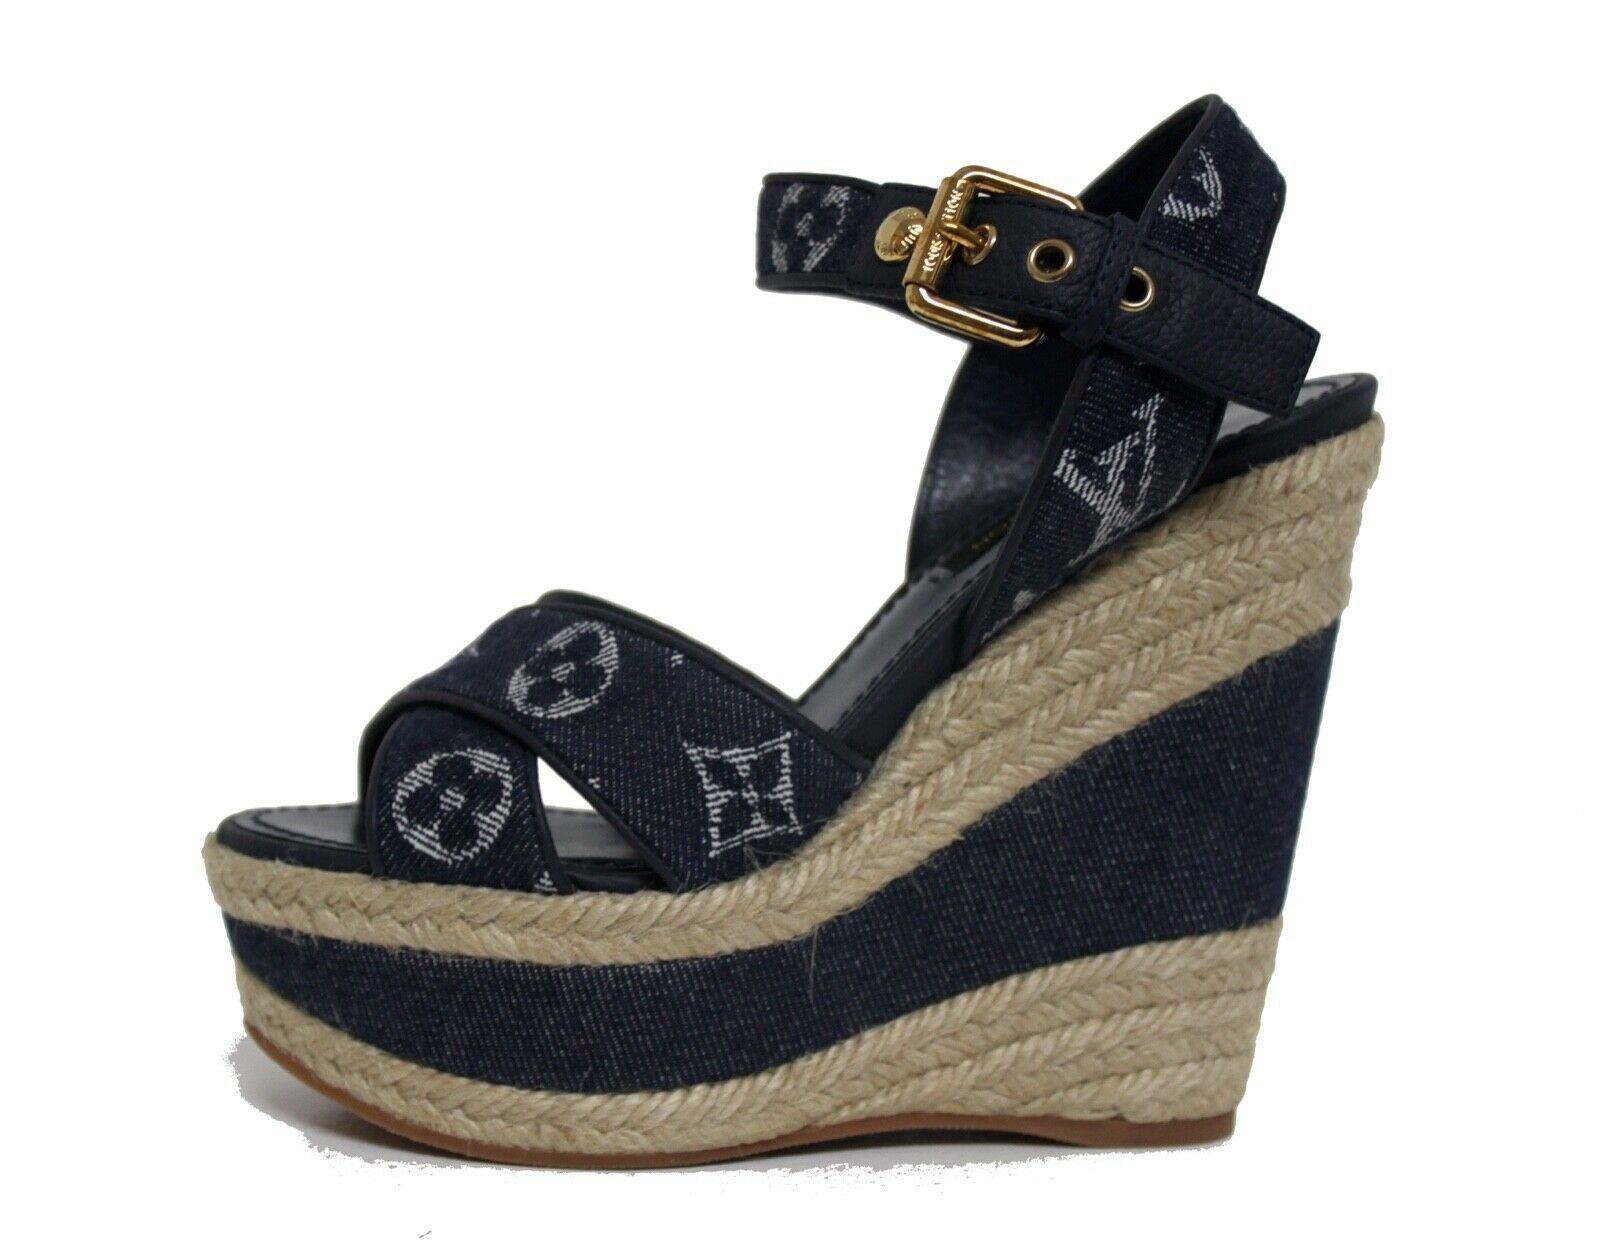 $1390 Louis Vuitton Blue New Formentera Cross Sandal Wedges Shoes Size 5 EU 35 - $978.04